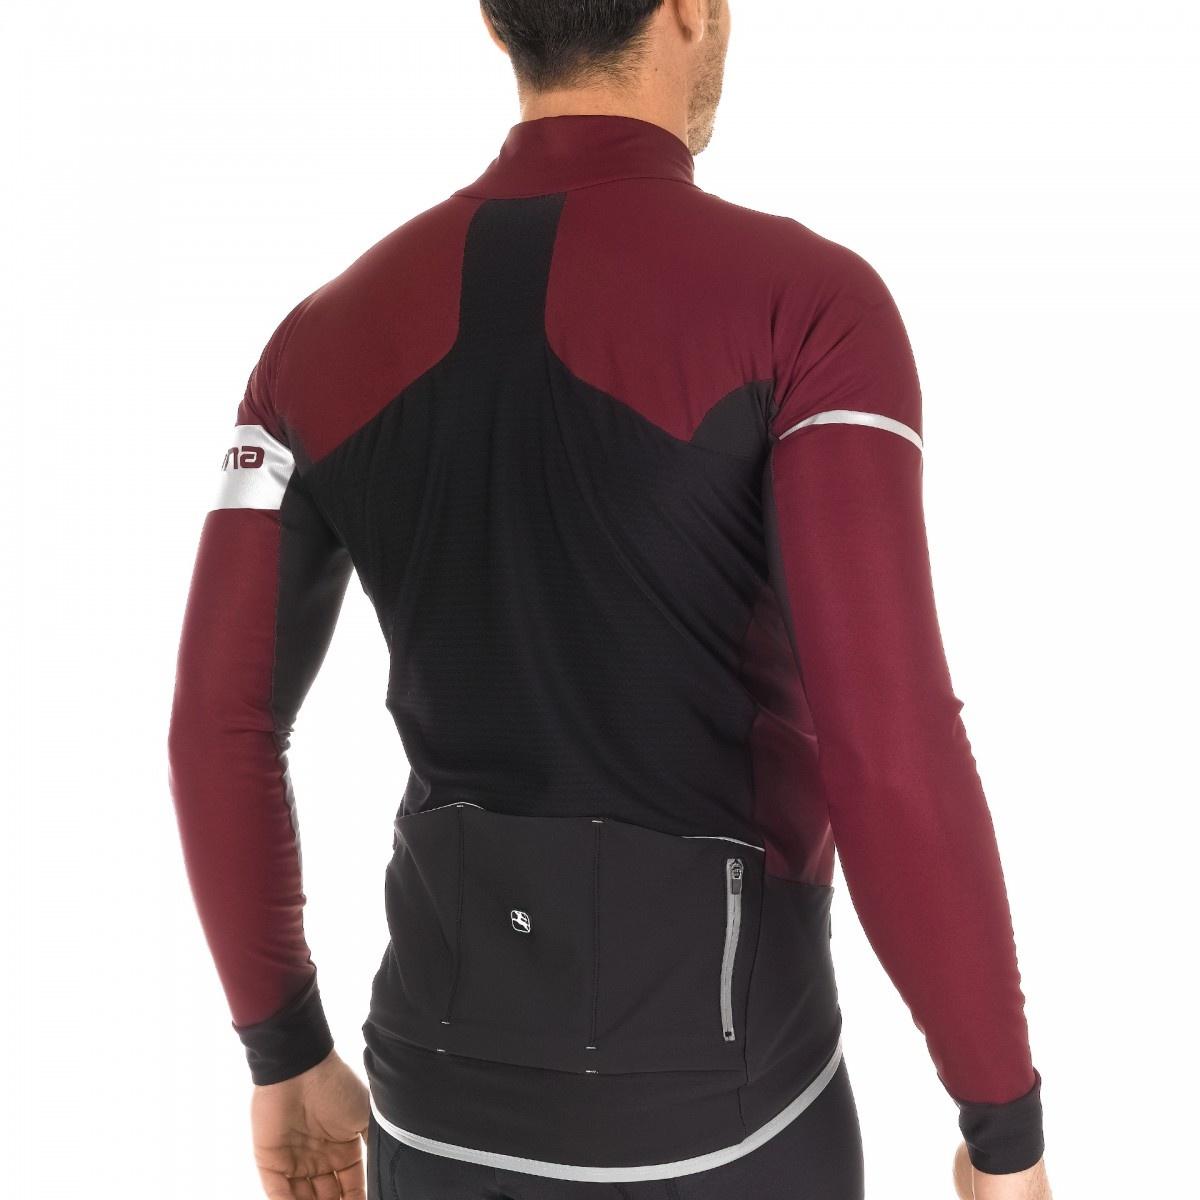 Giordana Giordana FR-C Pro Lyte mens jacket - Burgundy 3XL